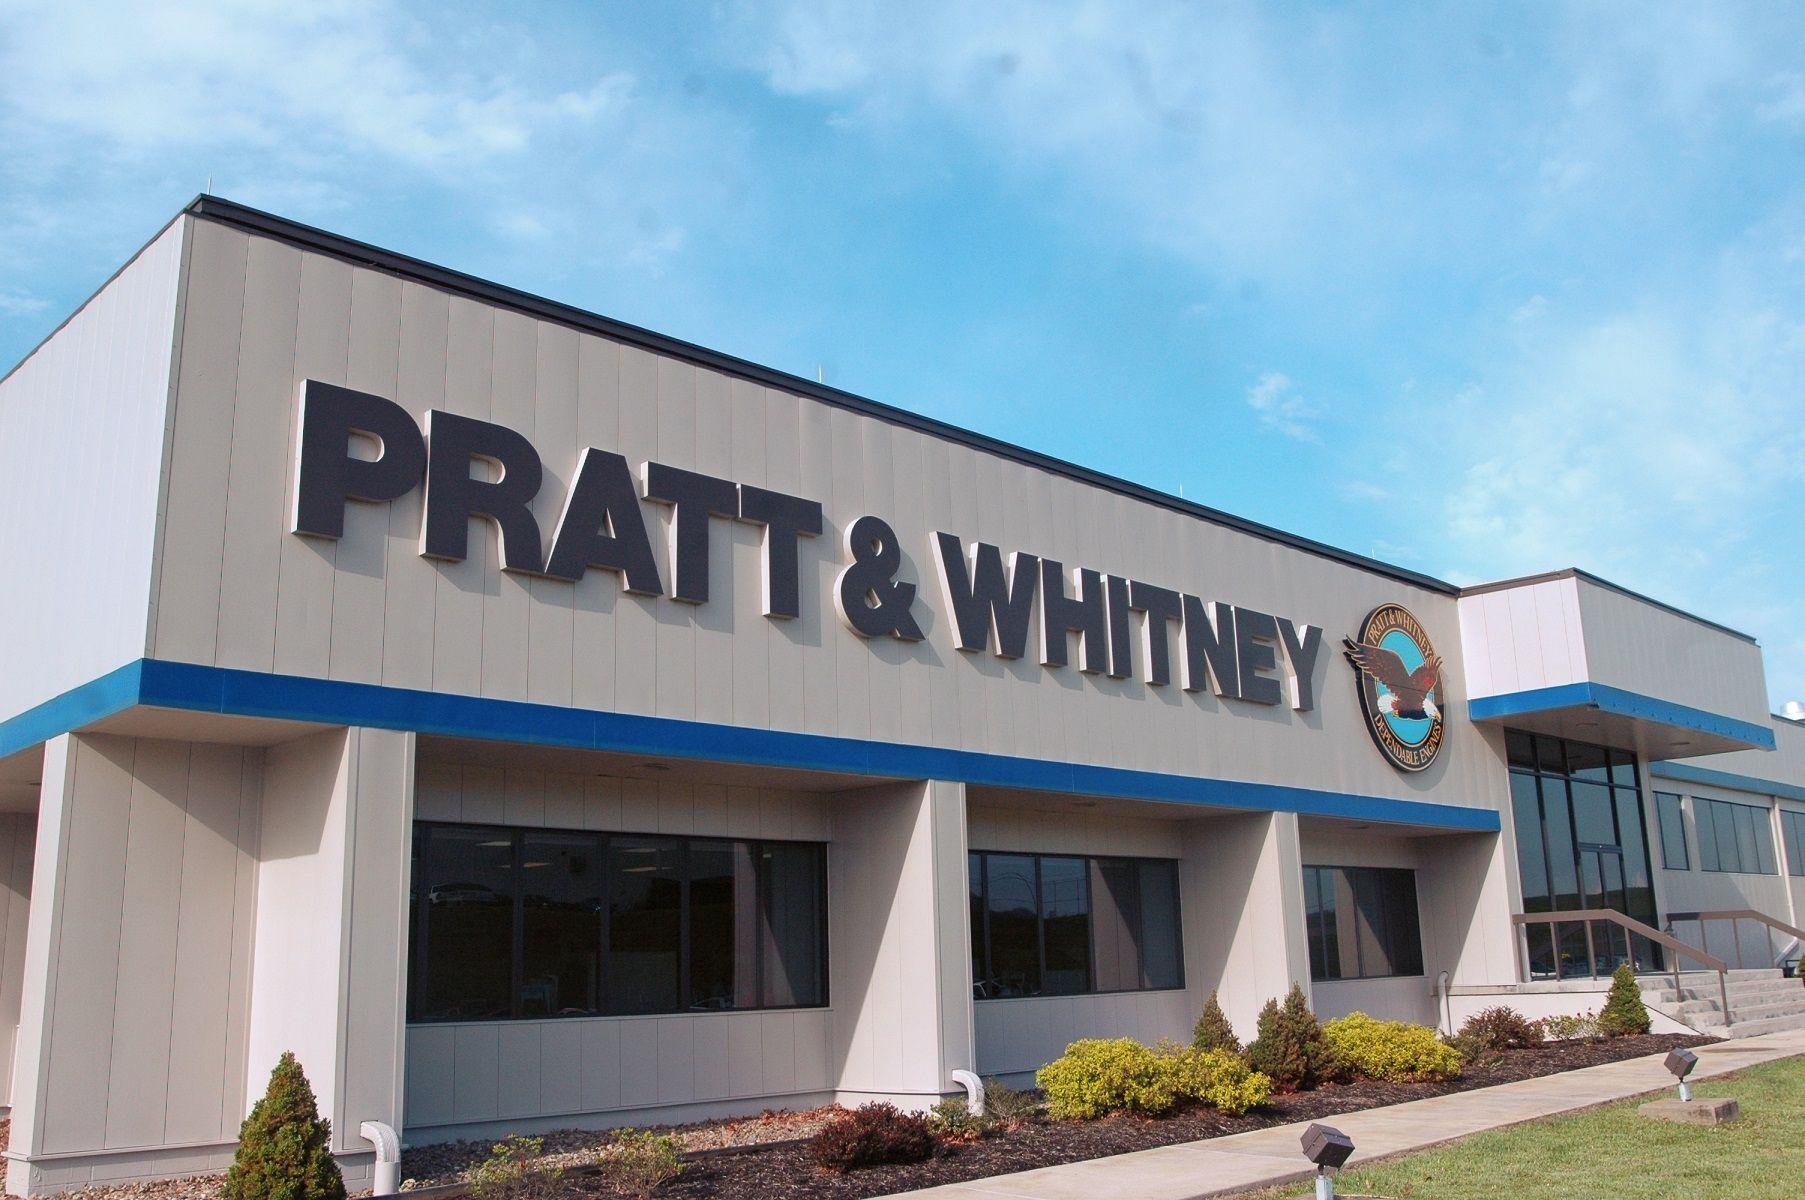 普惠投资3,000万美元为西佛吉尼亚设施增加PW800发动机维护、维修与大修能力